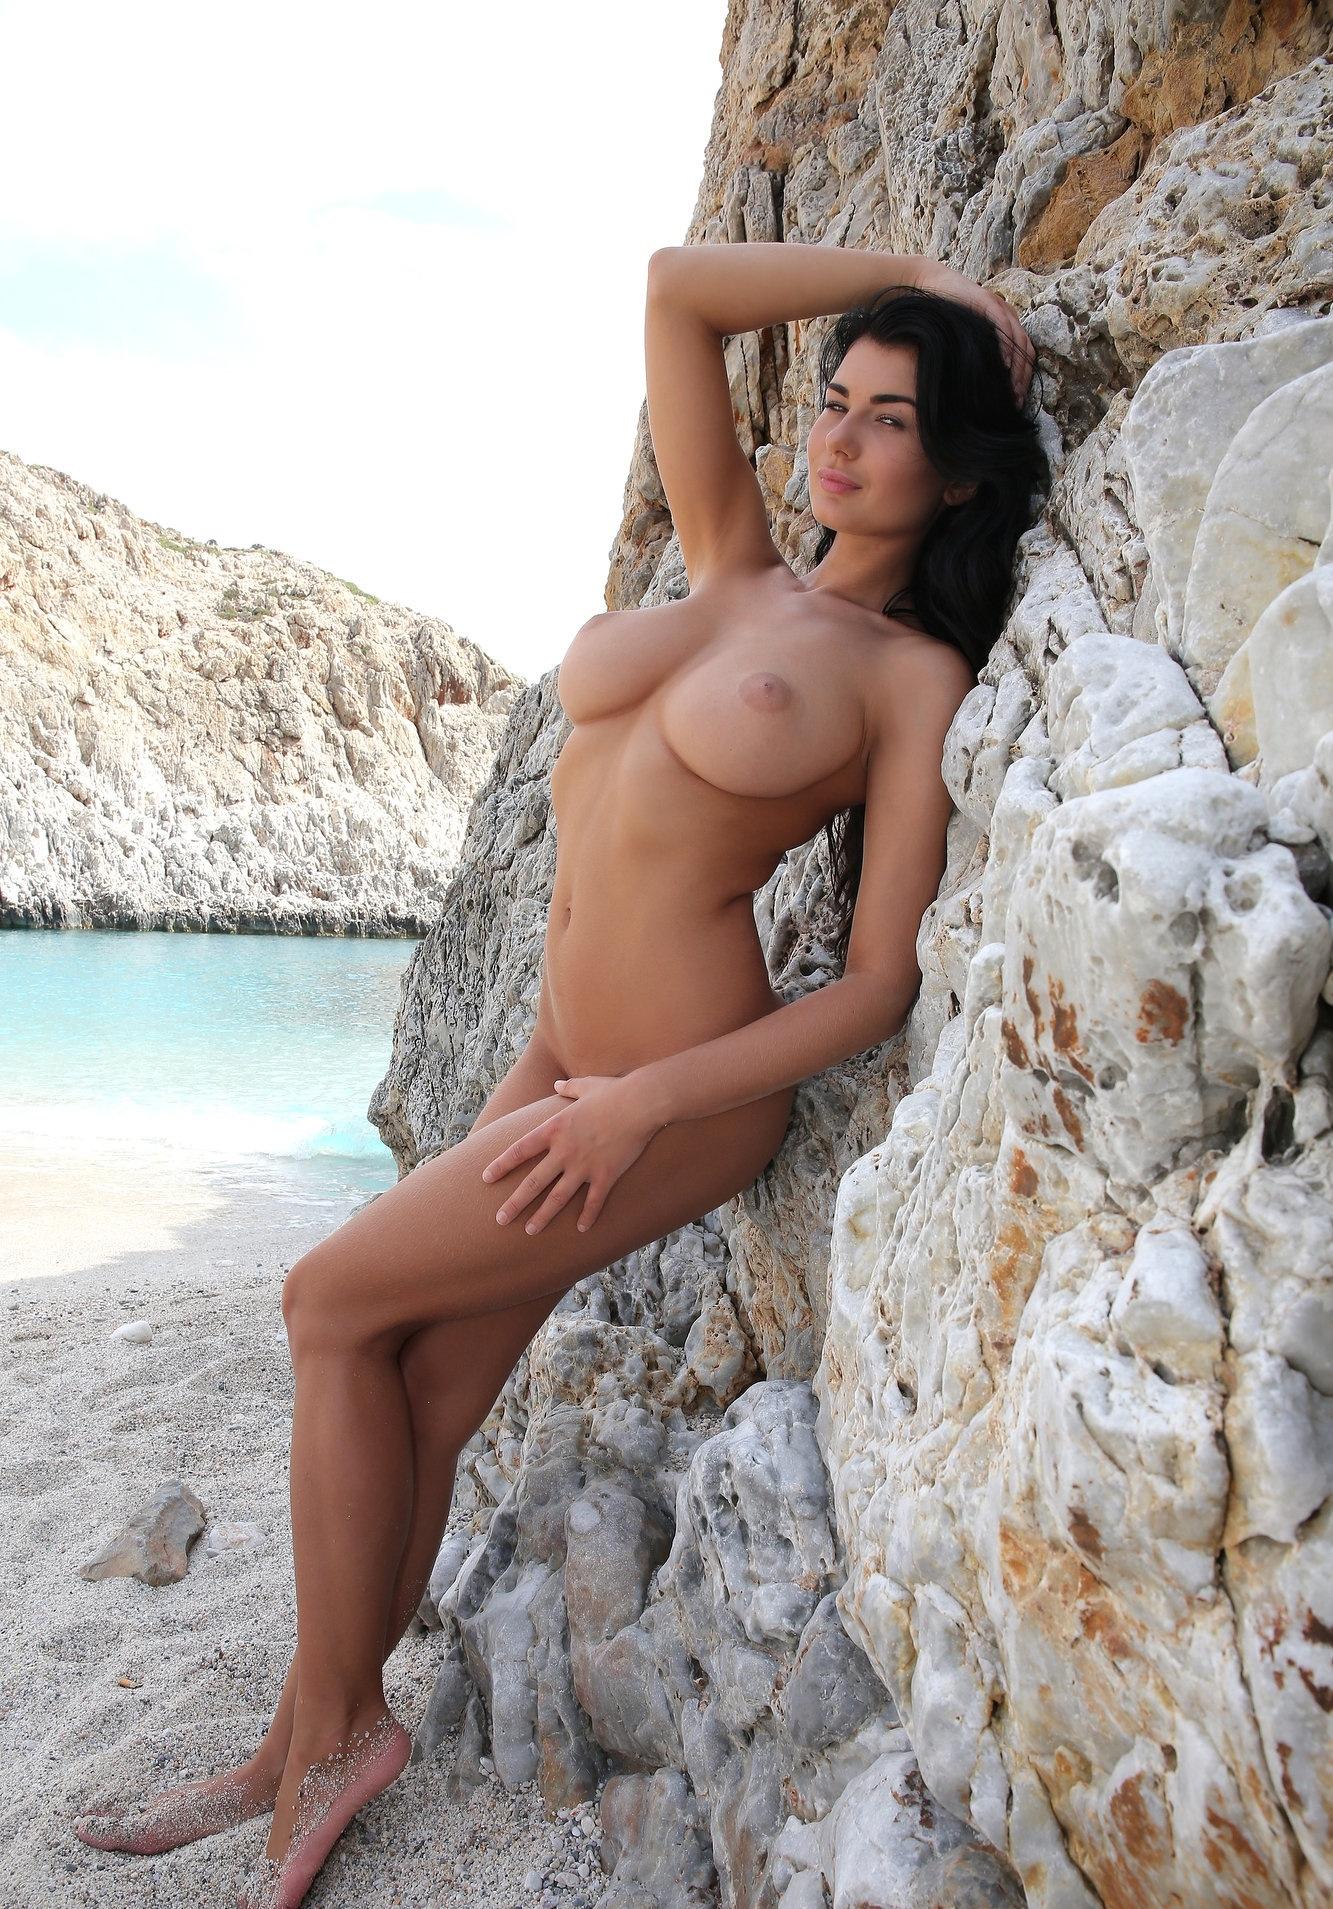 Голая брюнетка с большими сиськами на пляже, смотреть онлайн порно на телефоне с пожилой